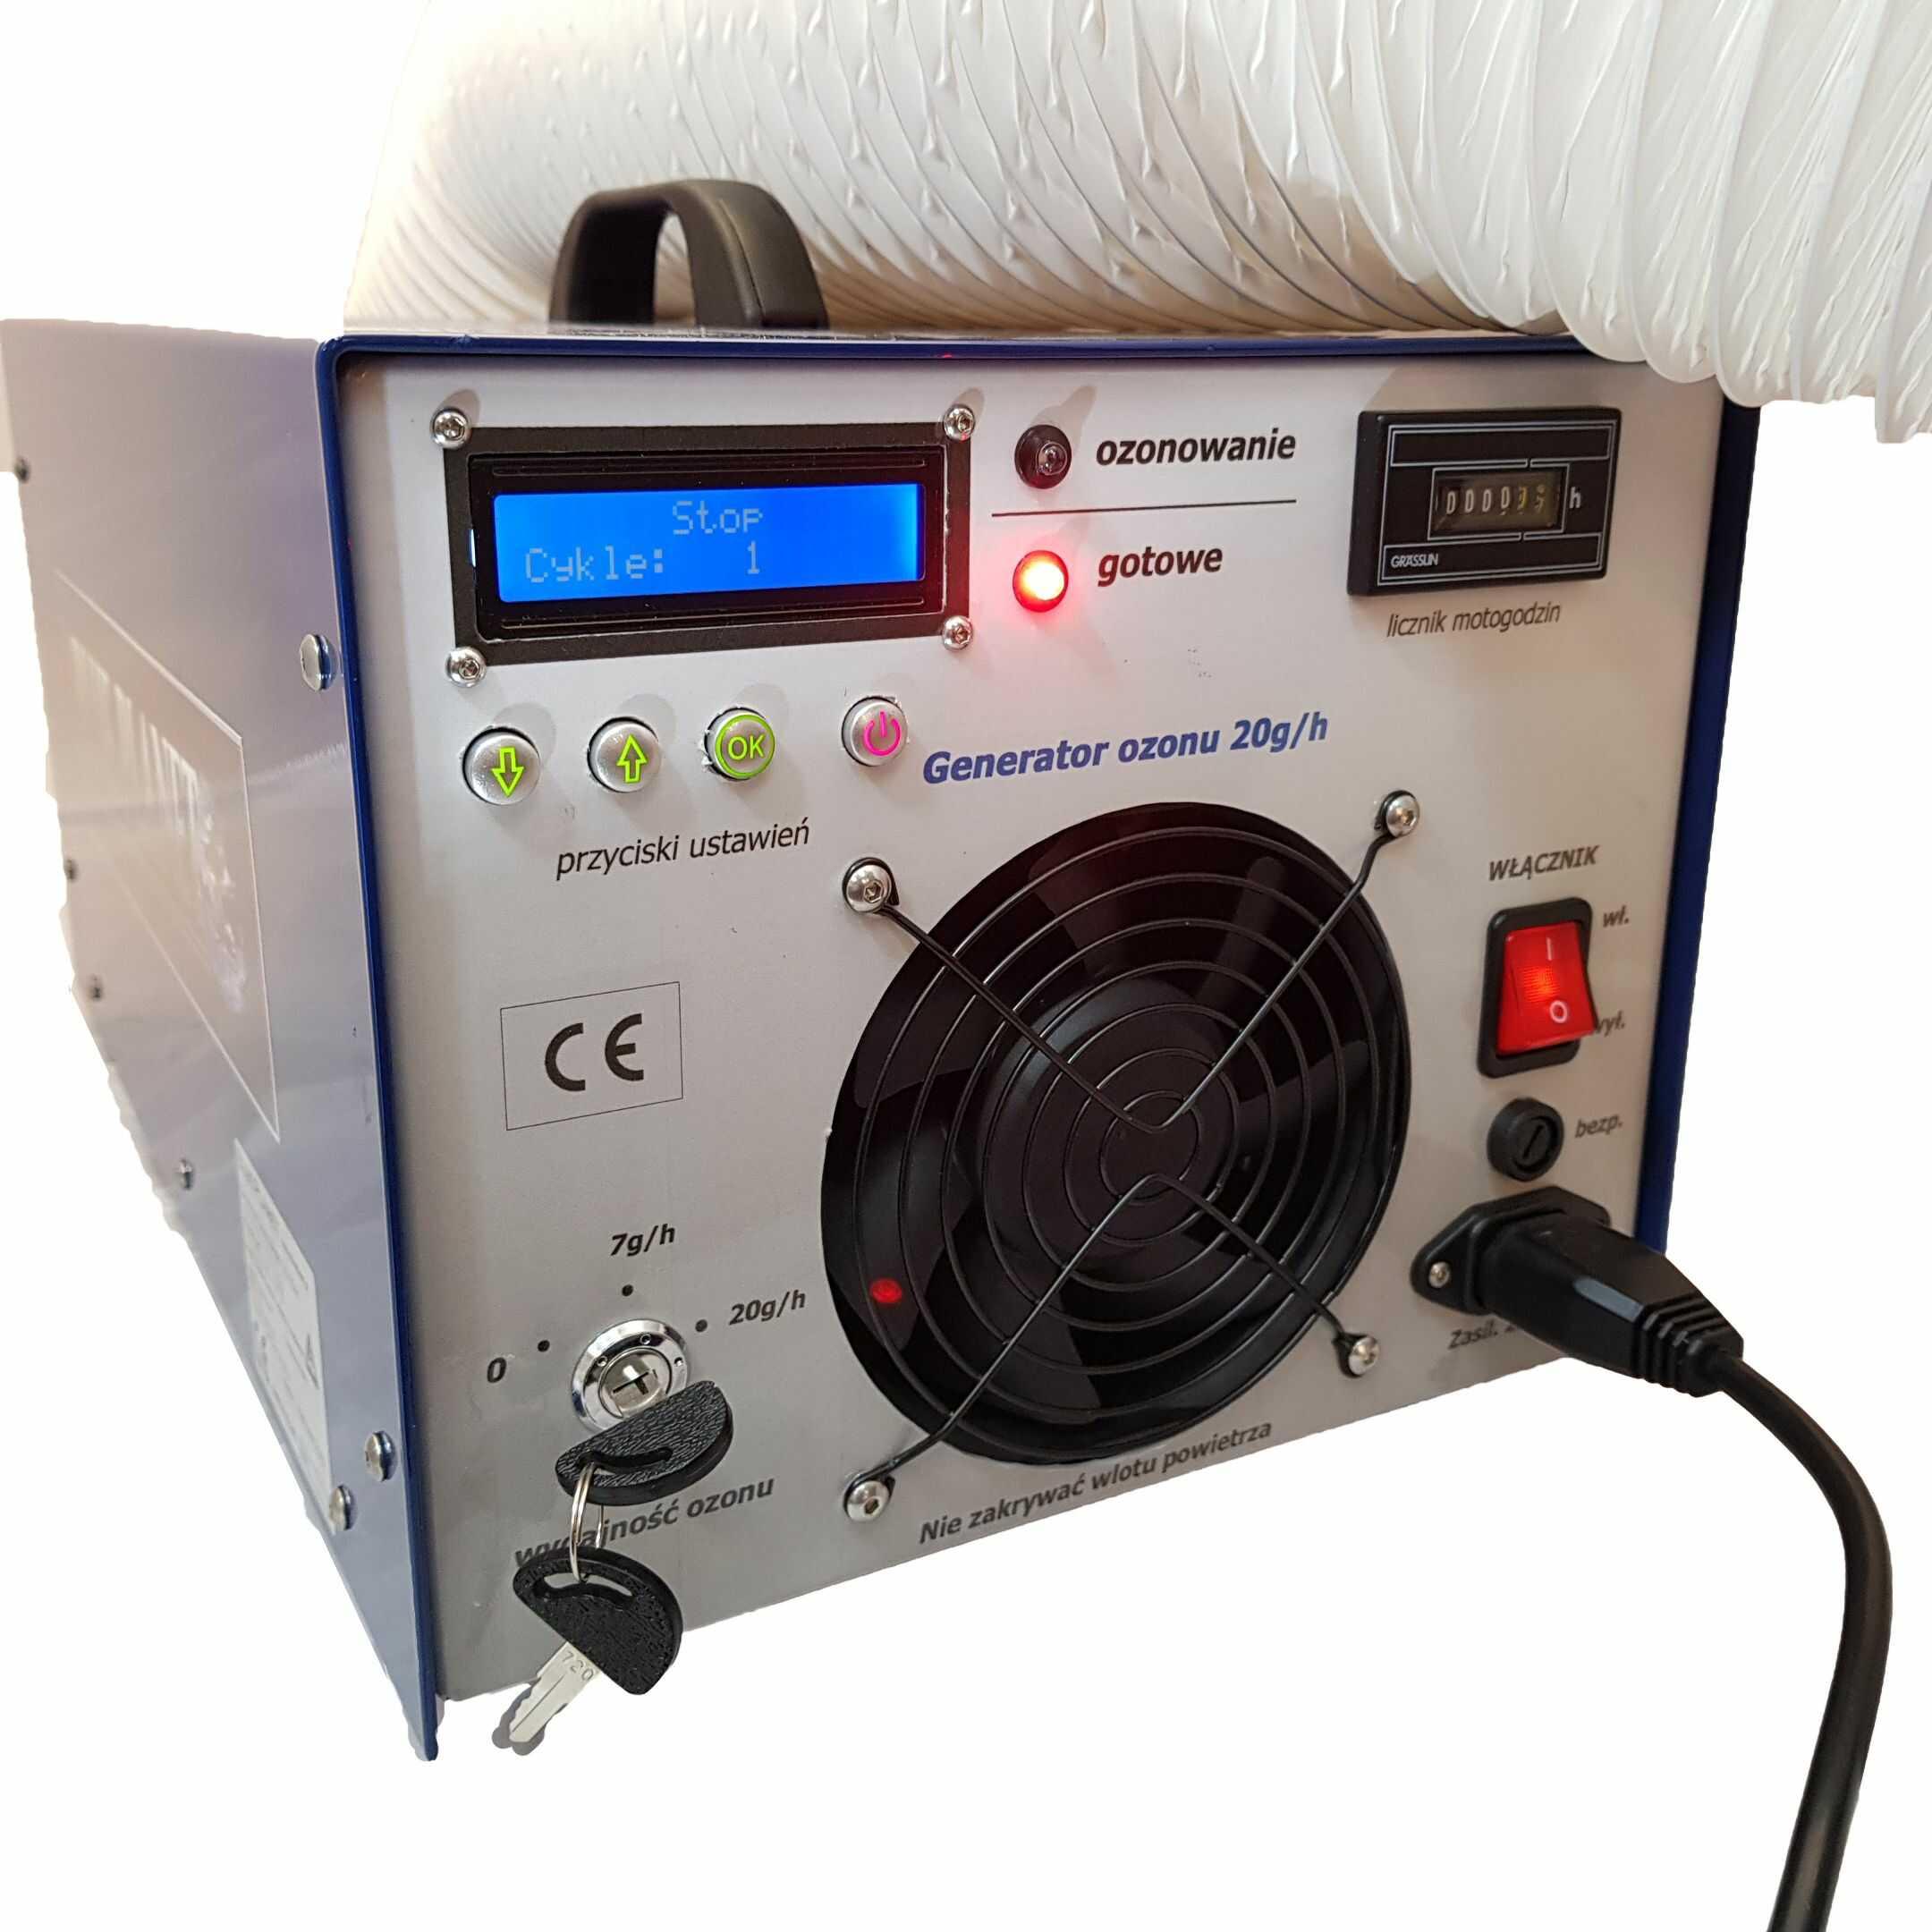 Generator ozonu 46g/h ozonator DS 46 RHR , ozonator profesjonalny, ozonator przemysłowy